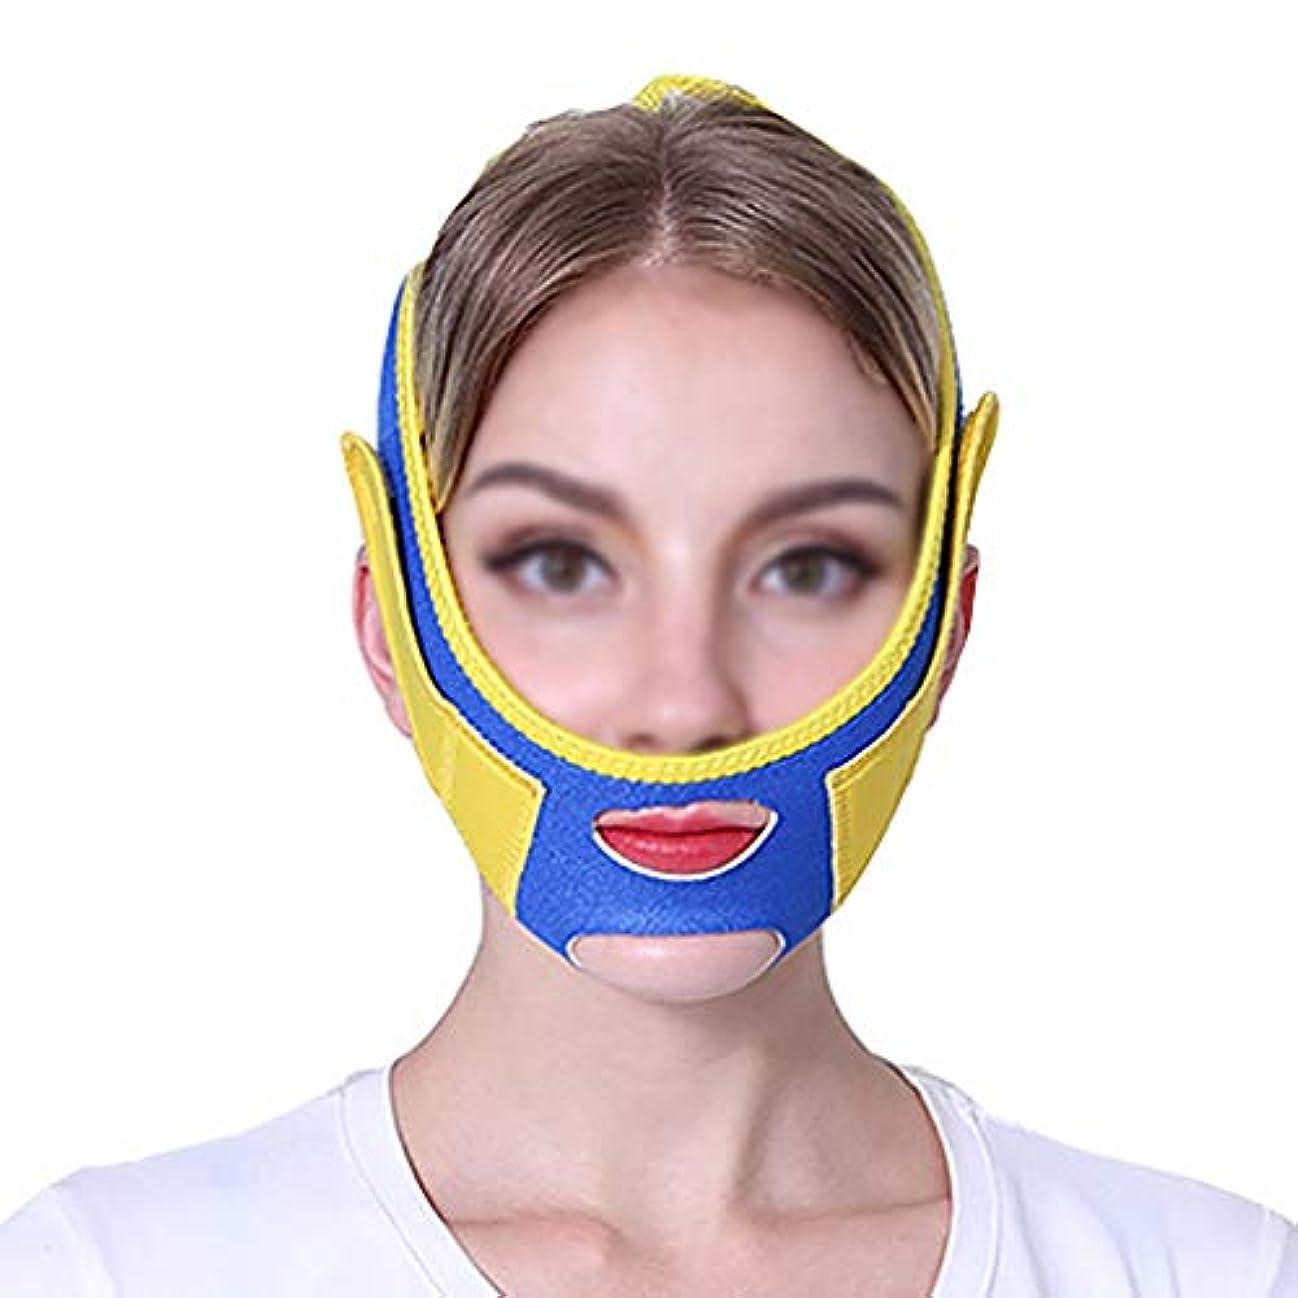 ナットサーフィン借りているGLJJQMY ファーミングマスクスモールvフェイスアーティファクトリフティングマスクフェイスリフティングフェイスリフティングマスクファーミングクリームフェイシャルリフティング包帯 顔用整形マスク